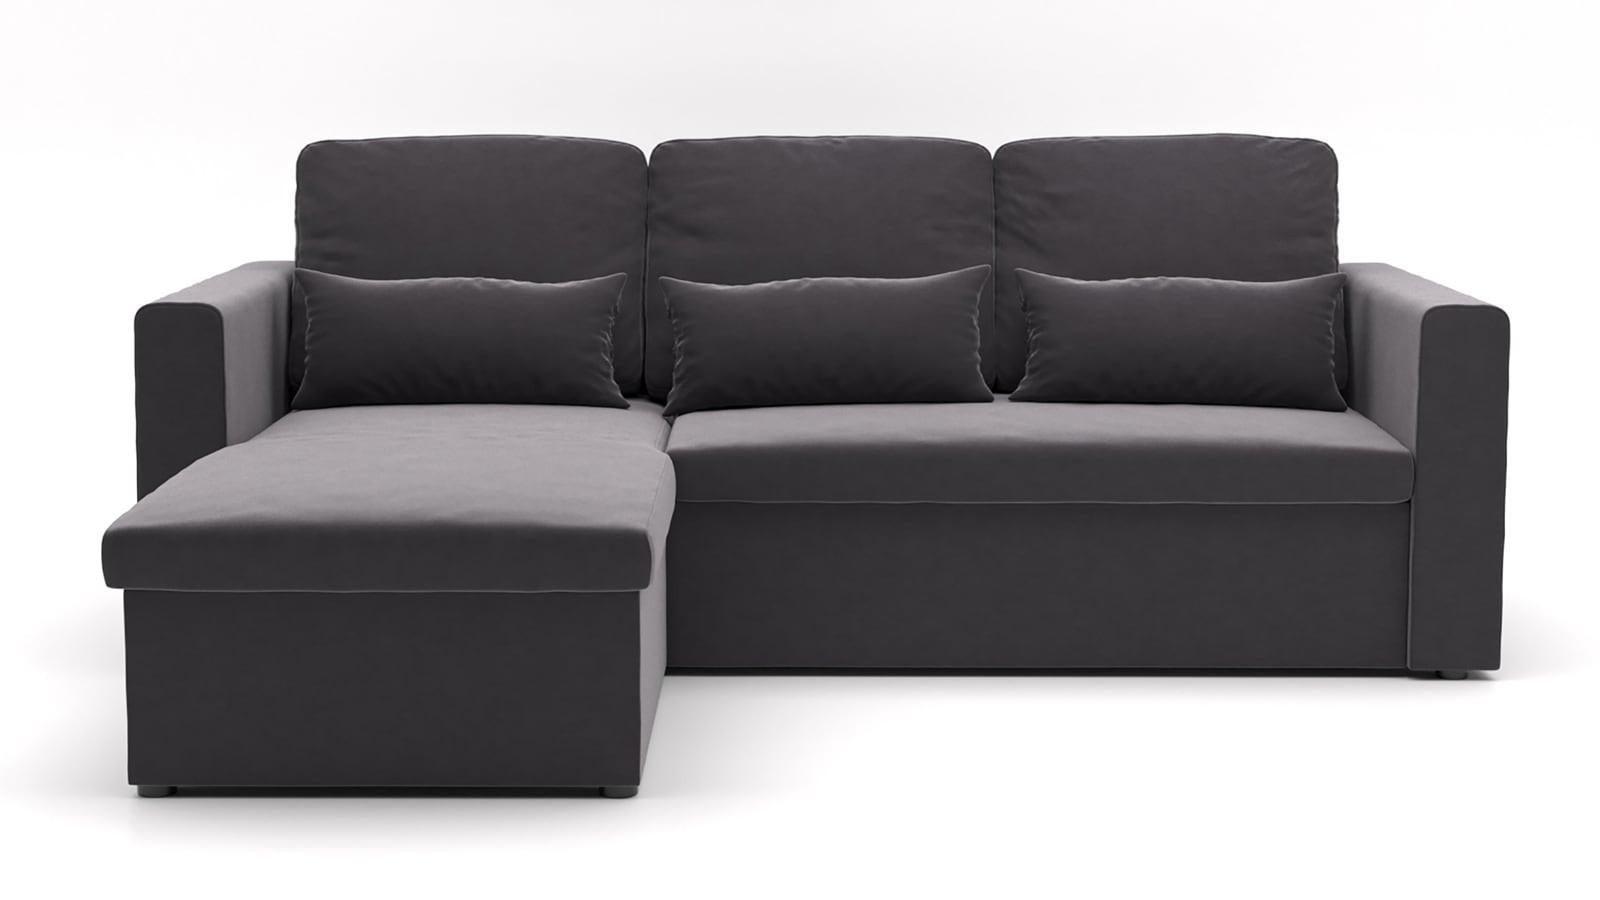 Canapé d'angle réversible convertible 3 places en velours graphite